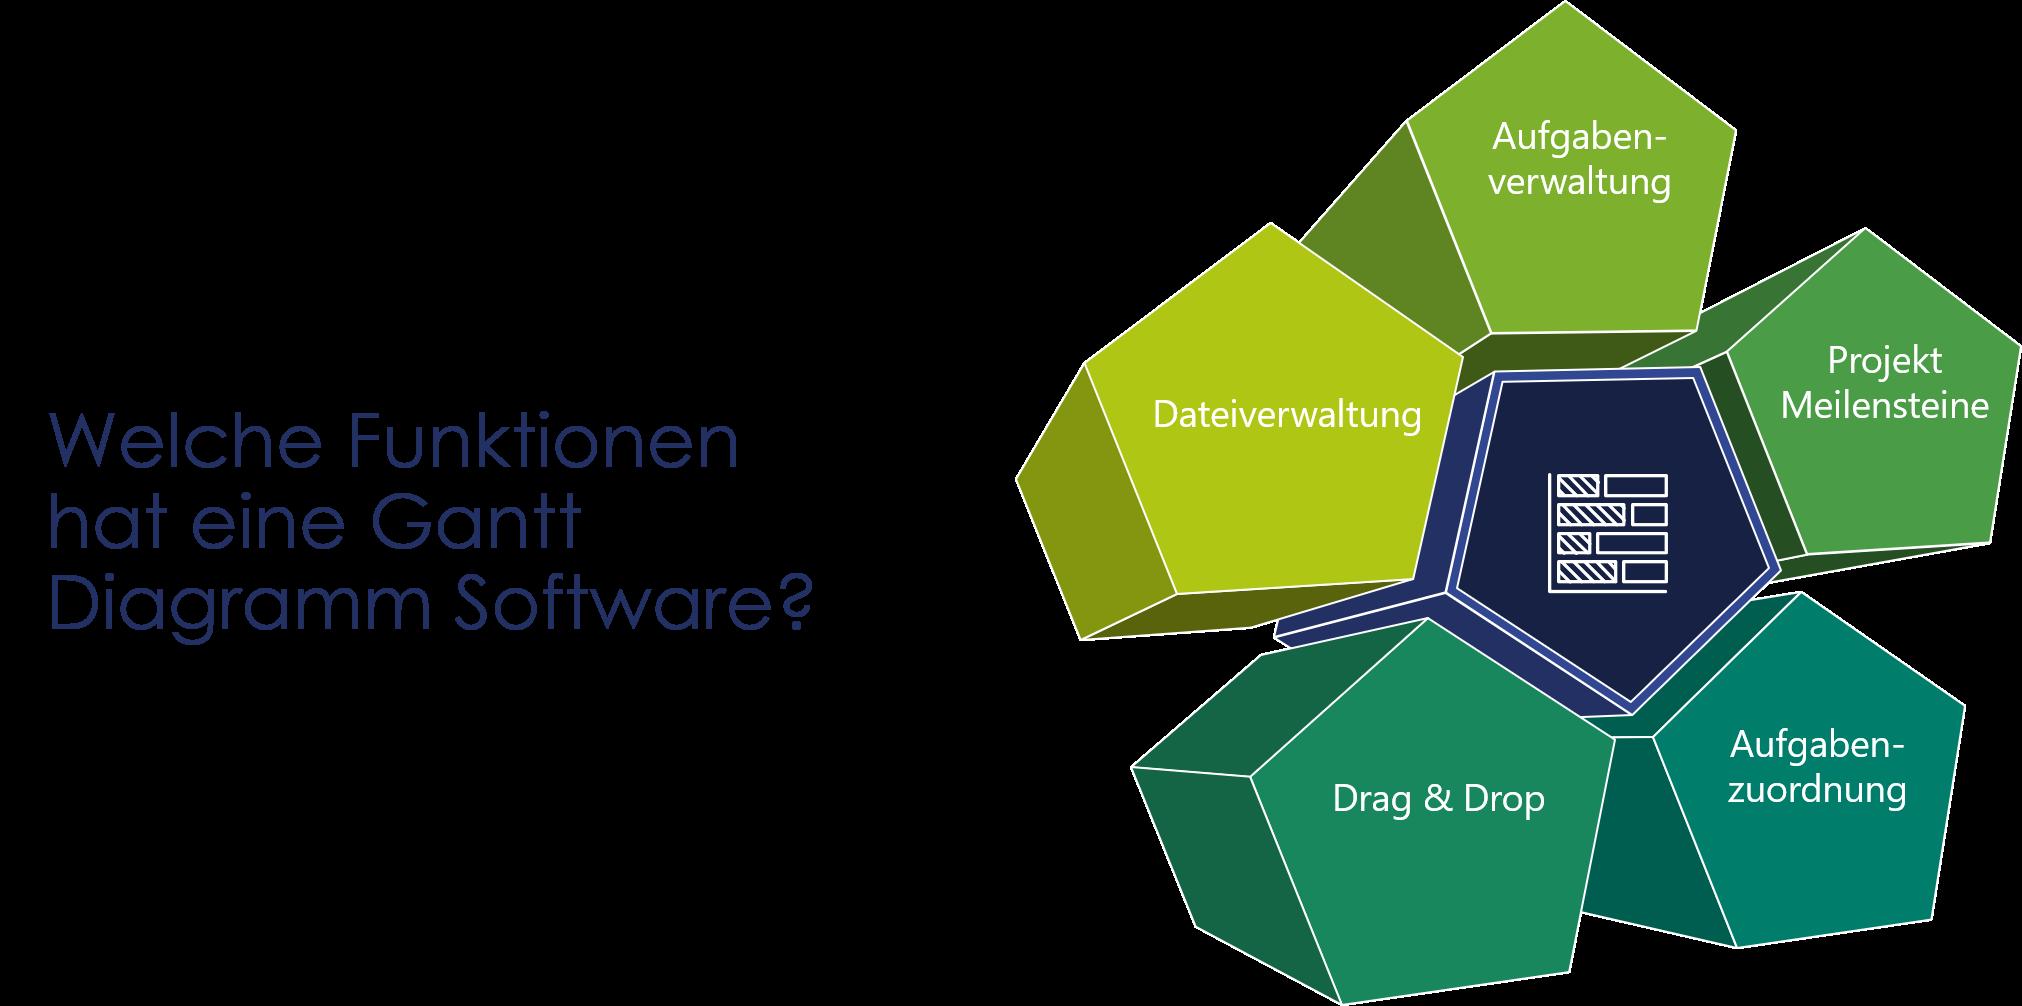 Darstellung von wichtigen Funktionen einer Gantt Diagramm Software